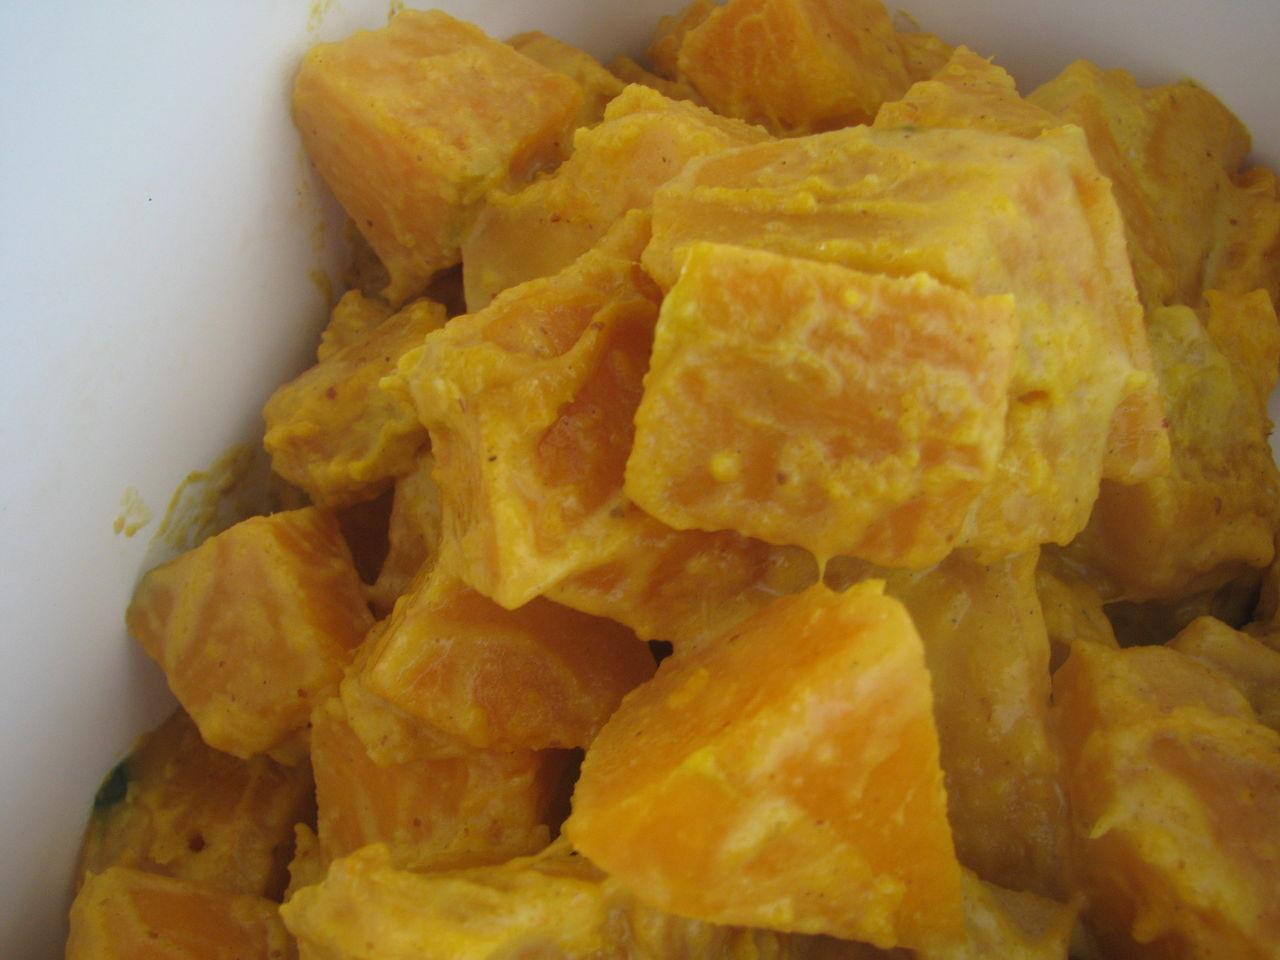 鍋で茹でるなんてもうムリ 便利すぎるコイツで実家からの野菜プレッシャーをハネノケル!